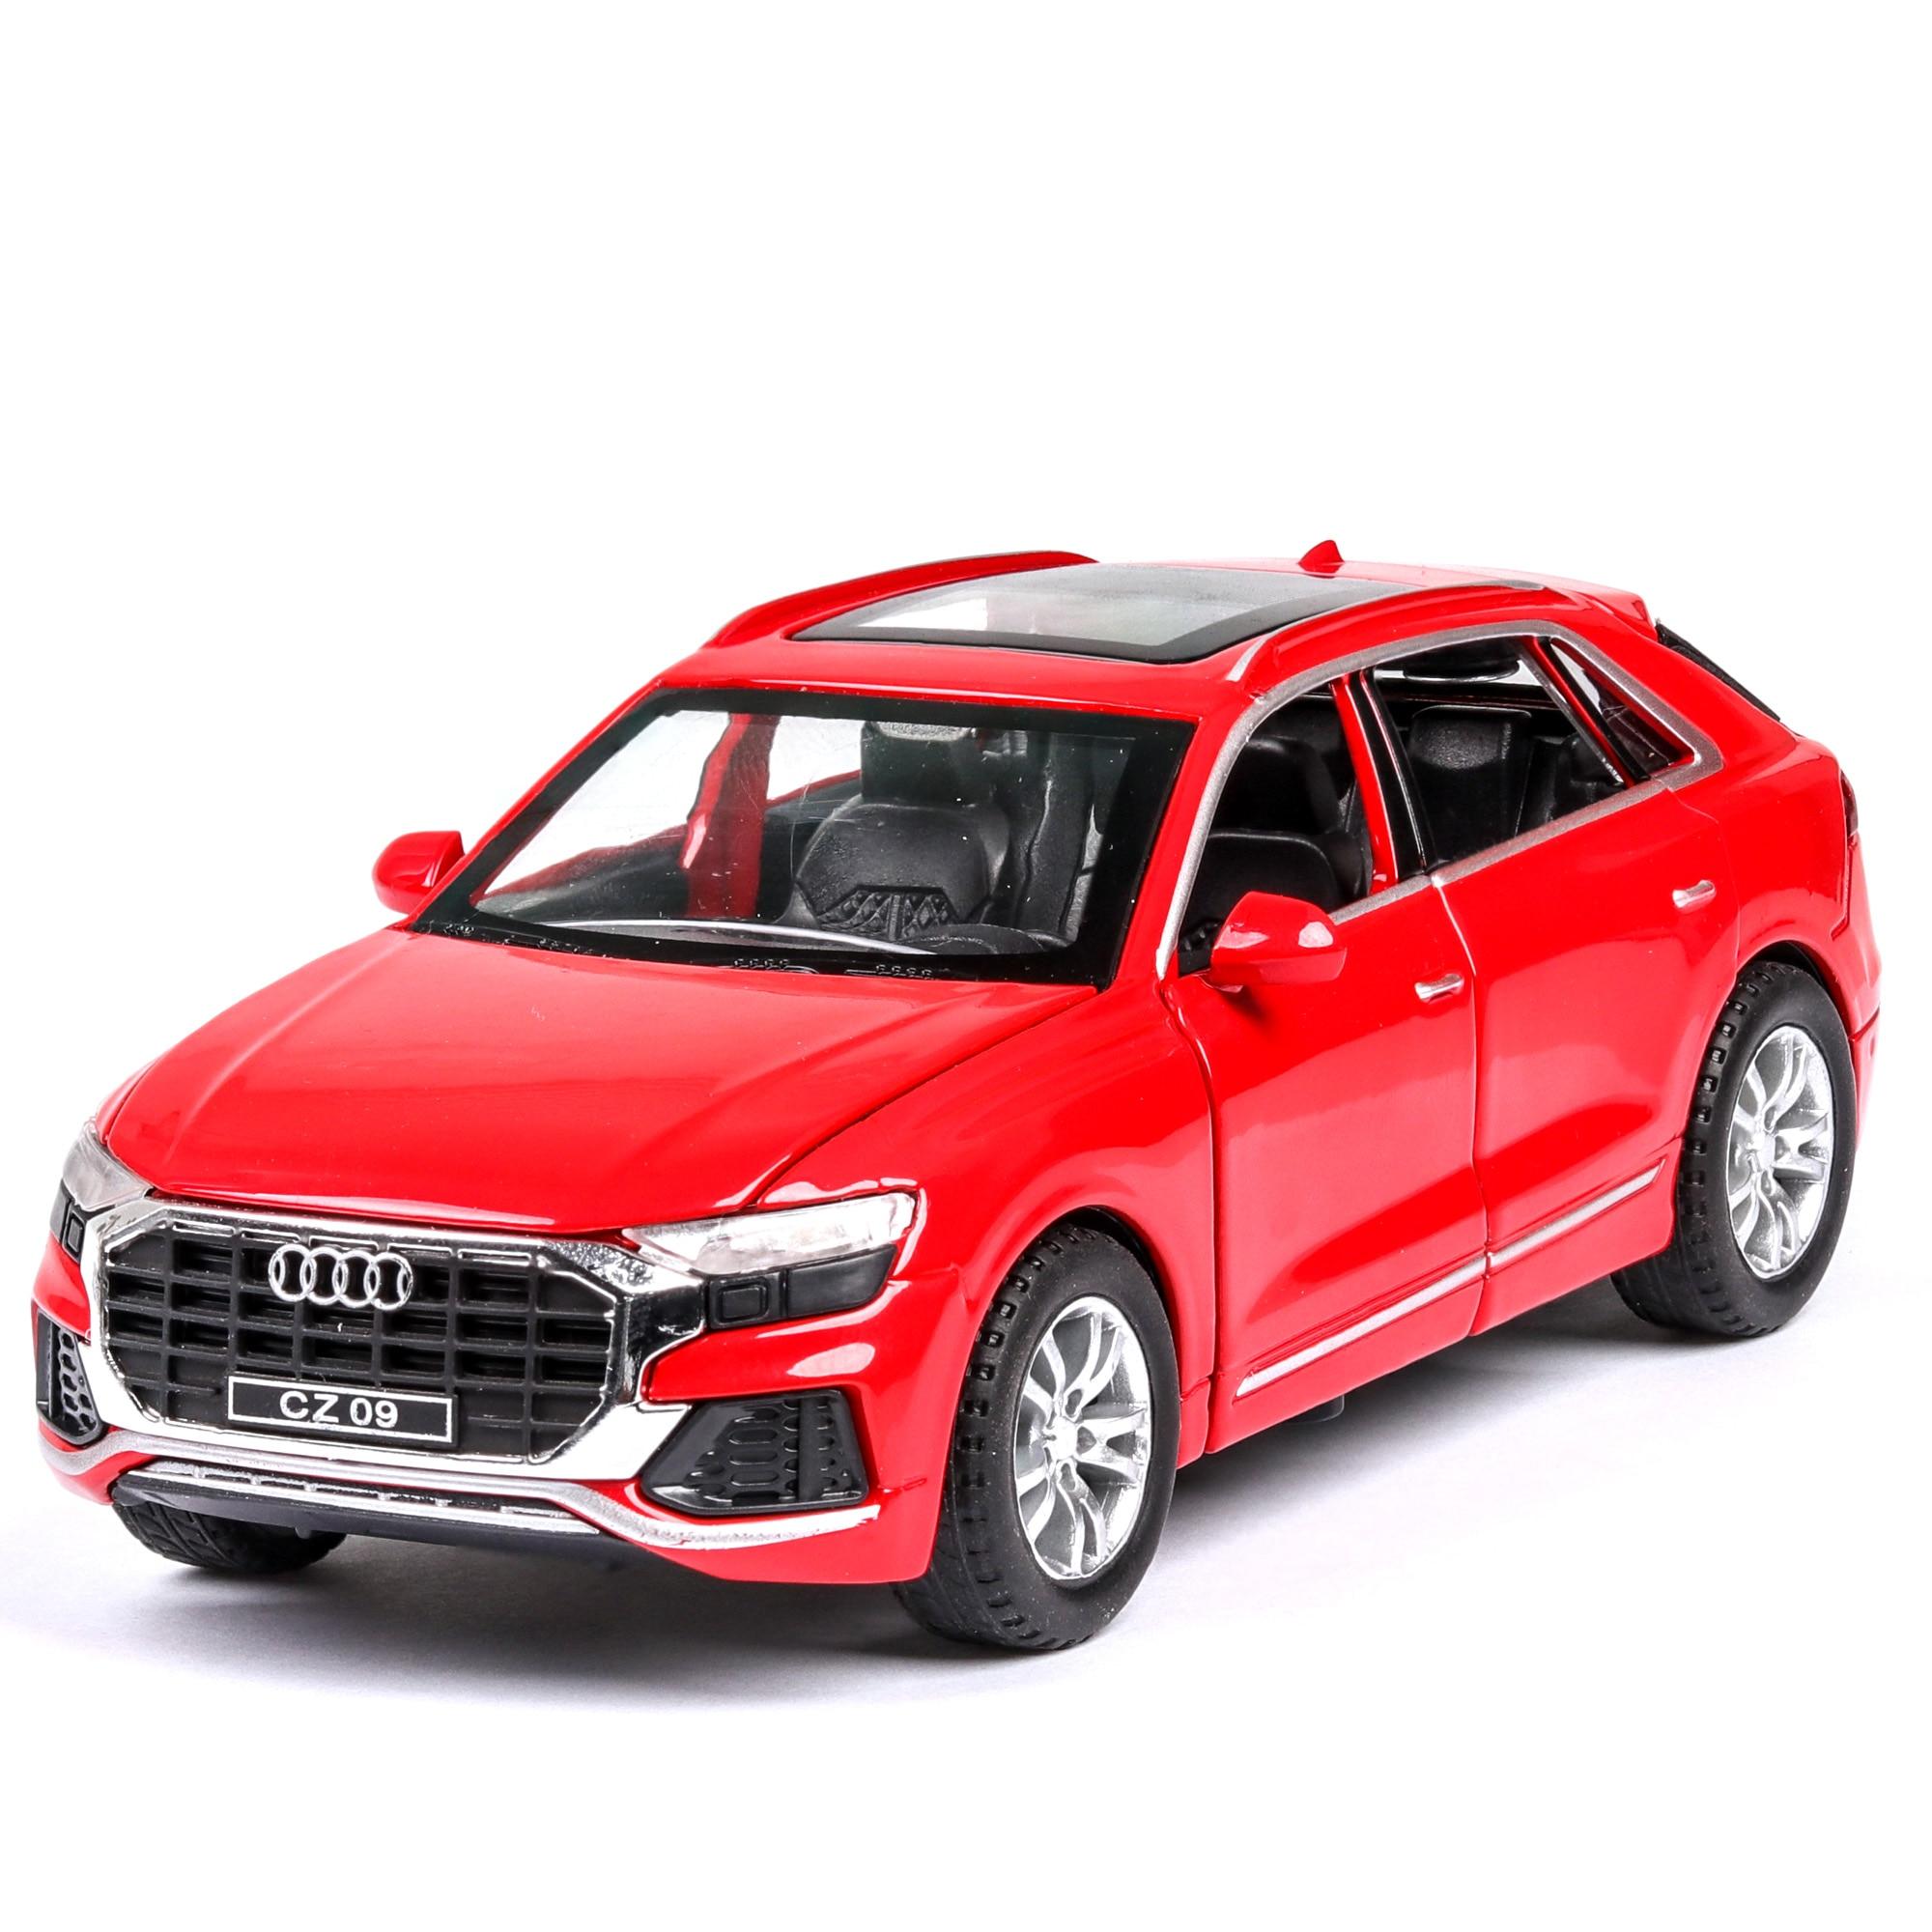 1:32 alta simulação audi q8 suv som e luz puxar para trás liga modelo de carro brinquedo para crianças presentes carro crianças brinquedo frete grátis